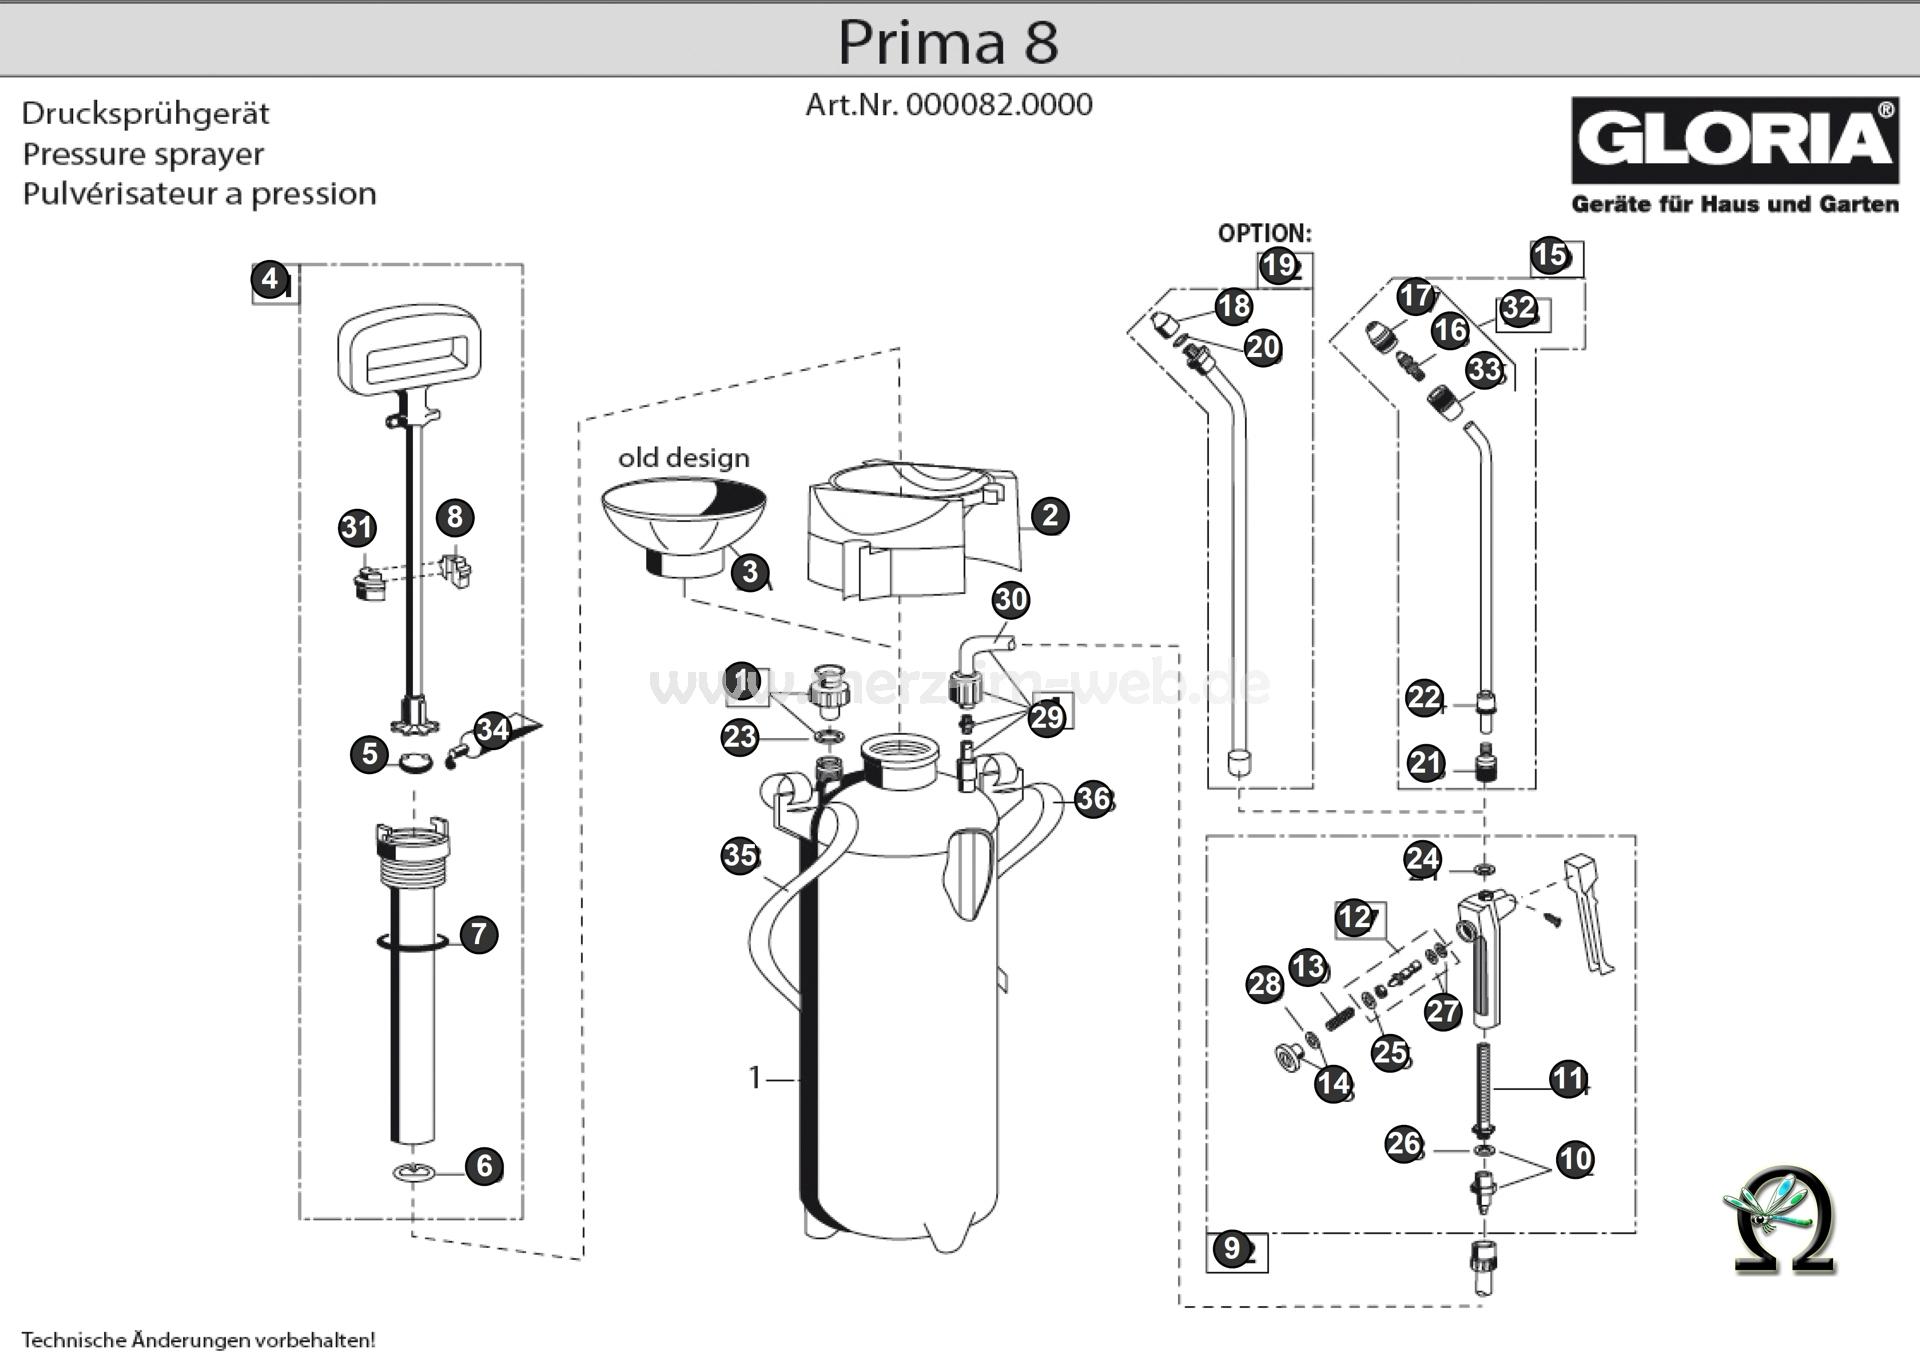 Die Ersatzteilzeichnung mit der Teileliste für das Drucksprühgerät Gloria prima 8 (Art. Nr. 000082.0000) zum herunterladen und ausdrucken.